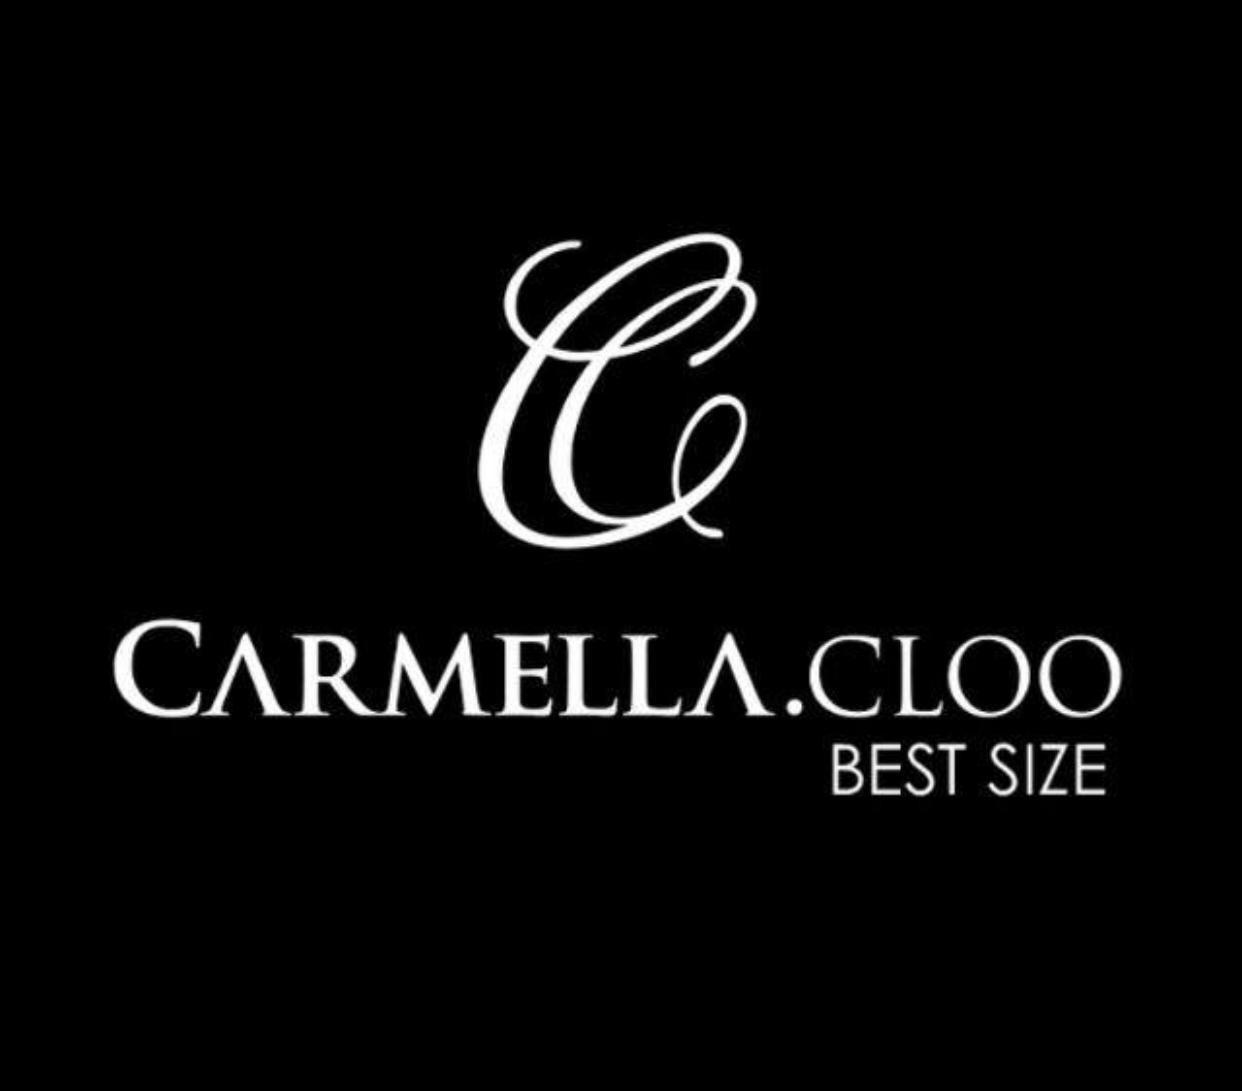 CARMELLA CLOO